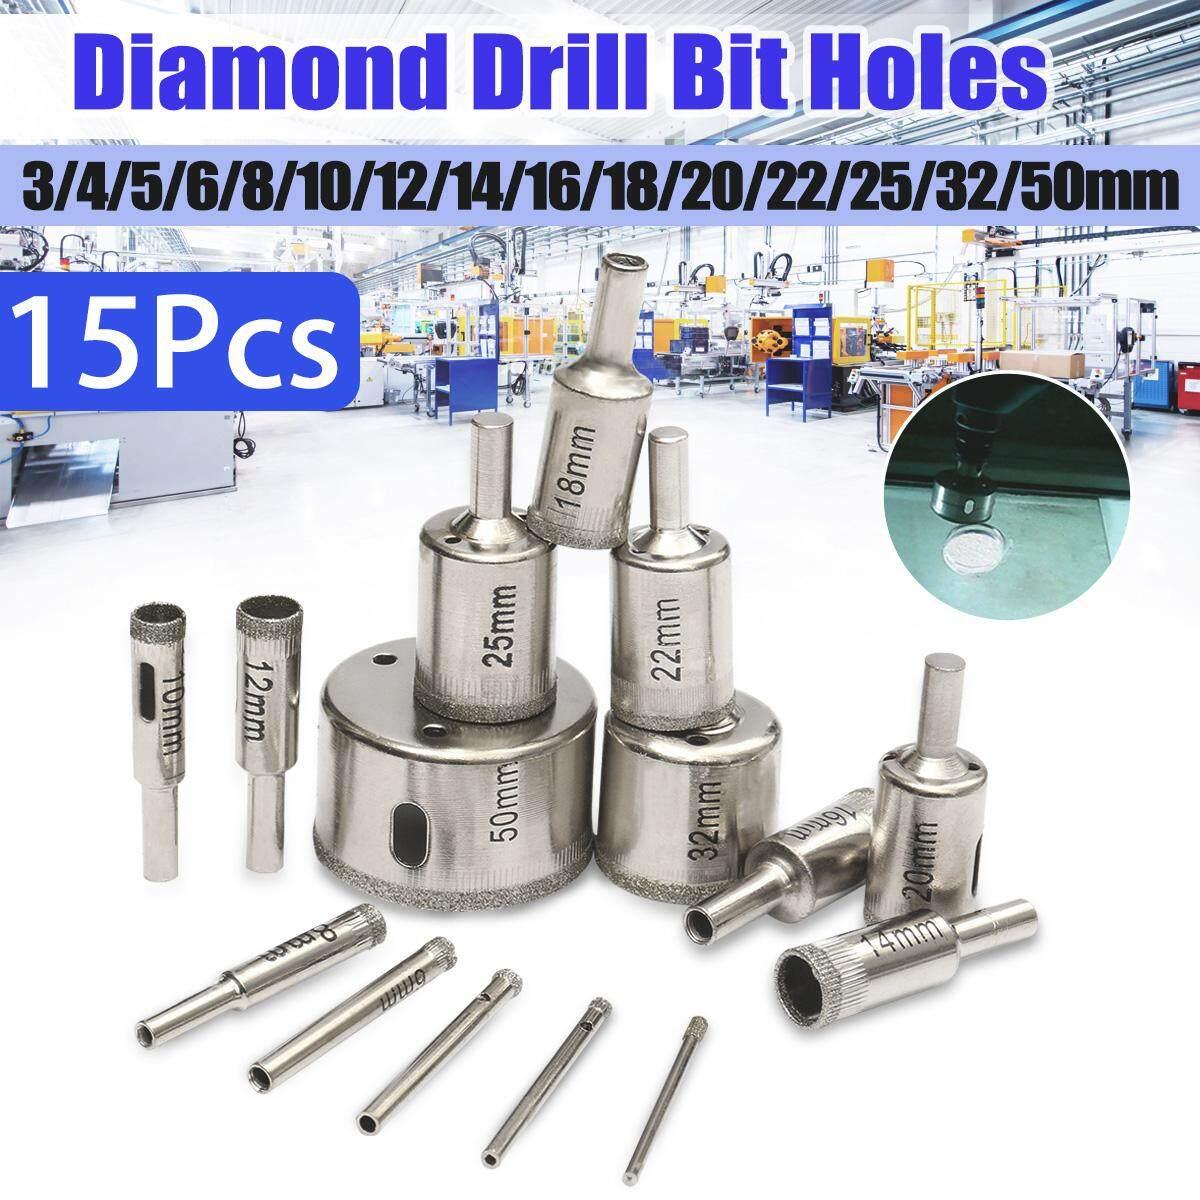 【Free Pengiriman + Super Deal + Terbatas Offer】15pcs 3 Mm-50 Mm Berlian Mata Bor Pembuat Lubang Pemotong Alat untuk Gelas Marmer granit